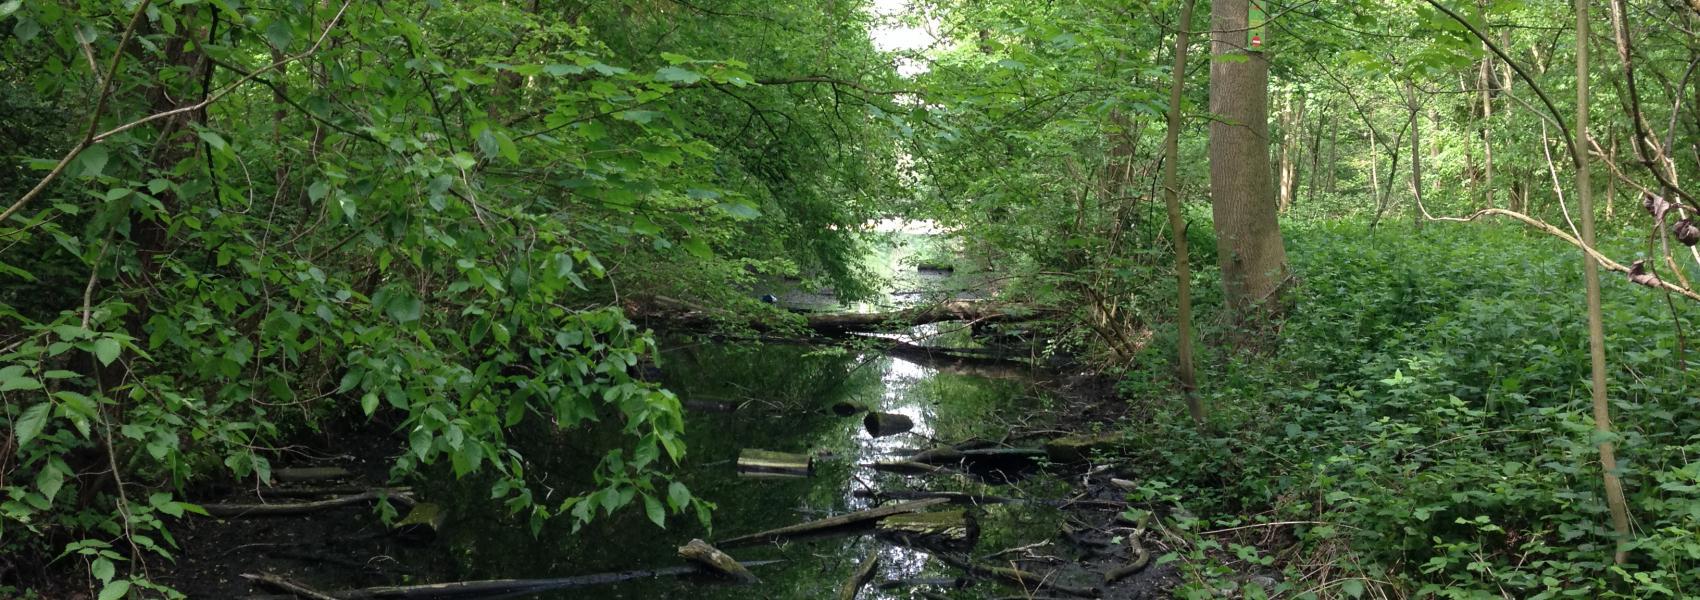 zicht op water in het bos